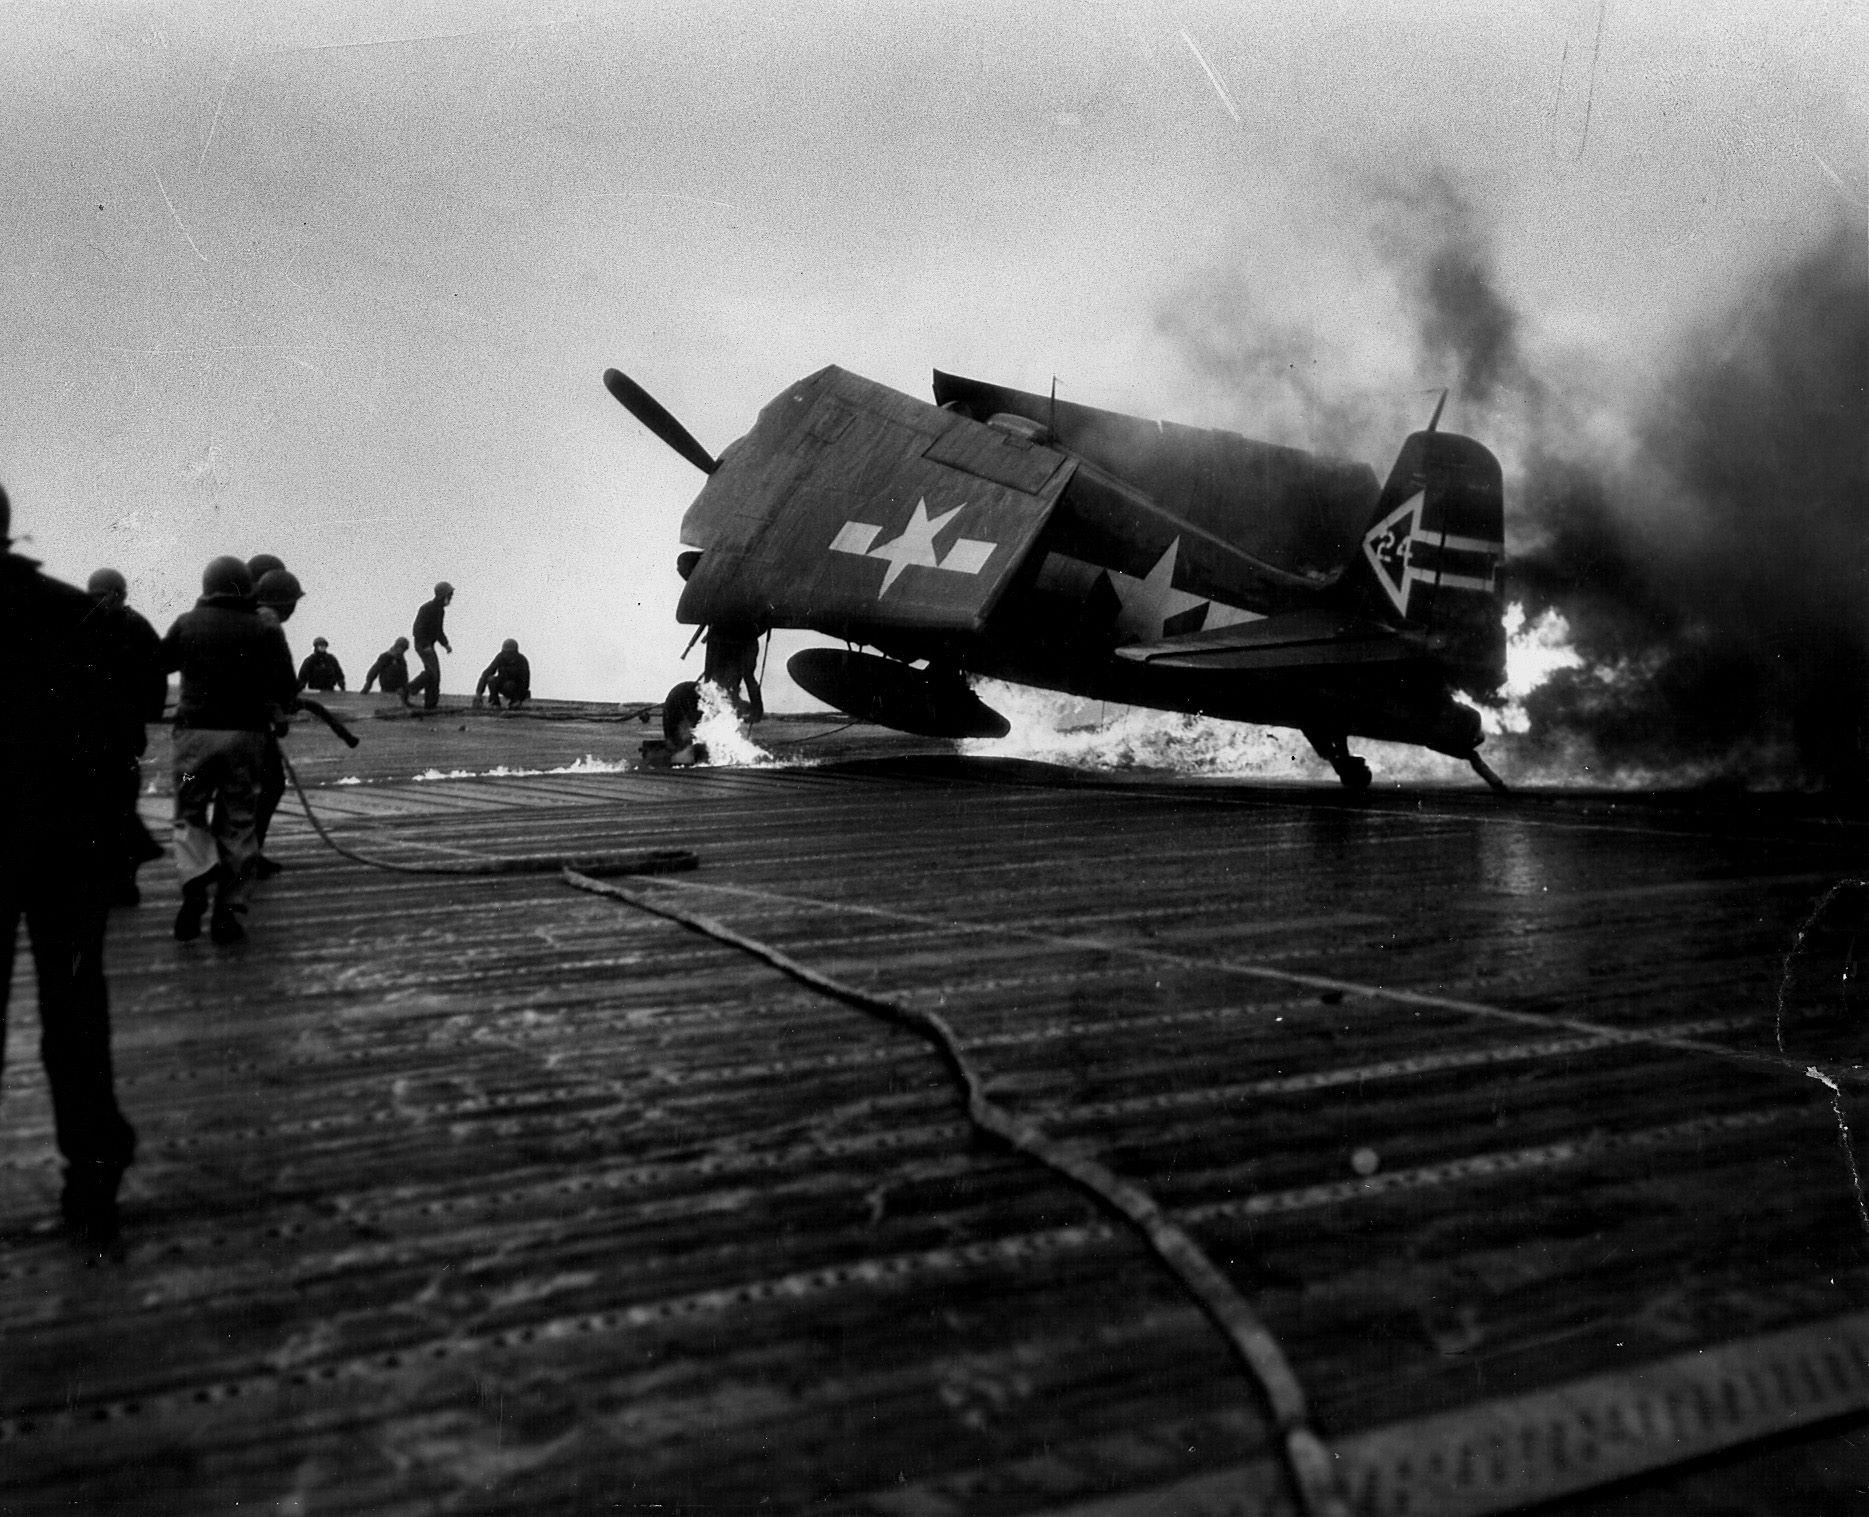 Grumman F6F 5N Hellcat VFN 90 White 24 fuel tank rupture aboard CV 6 USS Enterprise 01